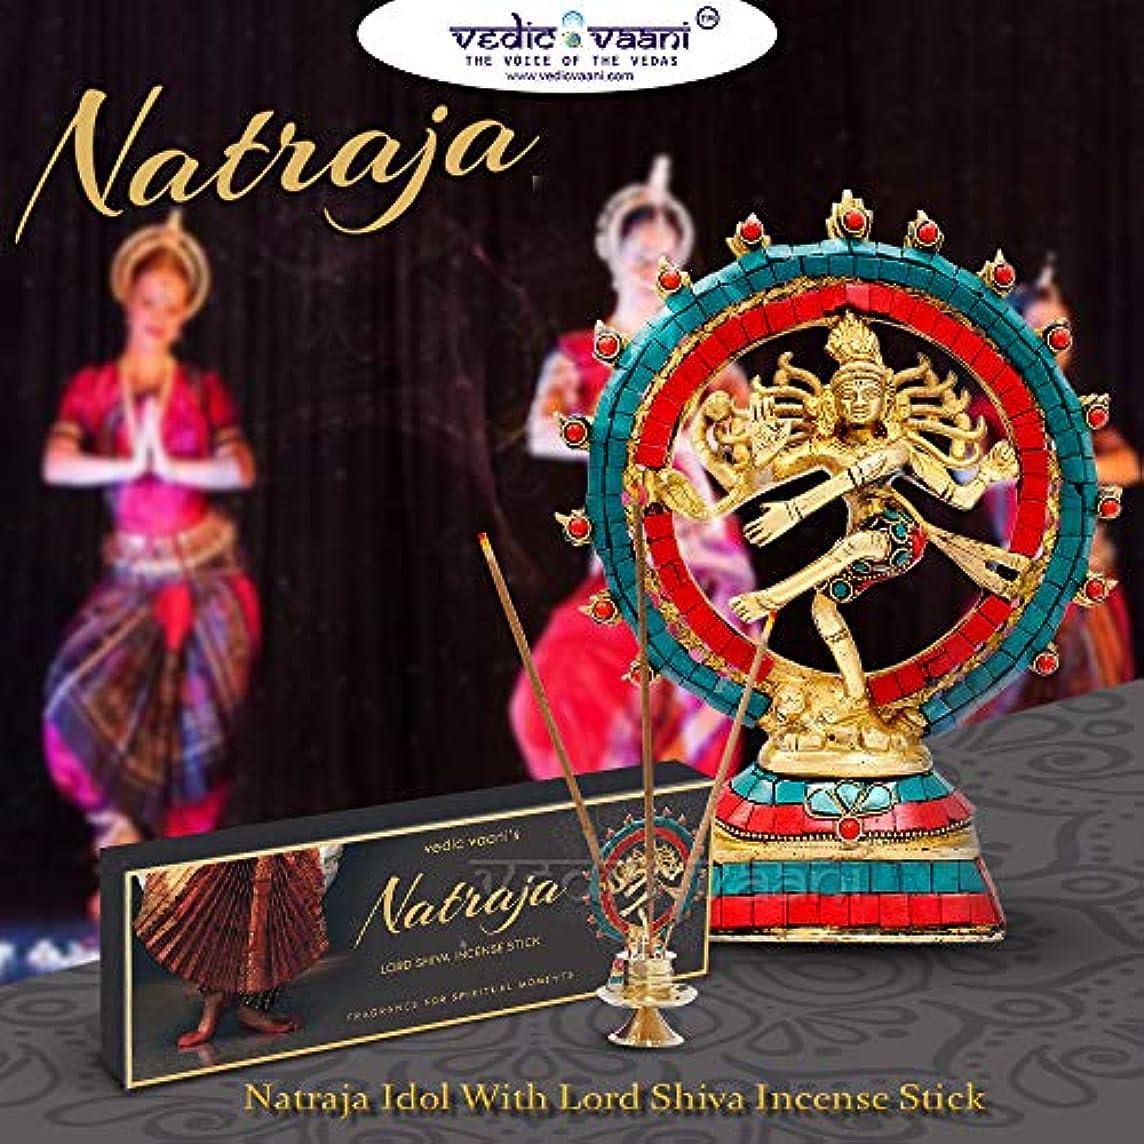 Vedic Vaani Natraj (Lord Shiva) 踊る人形 Natraja お香付き - 100 GM